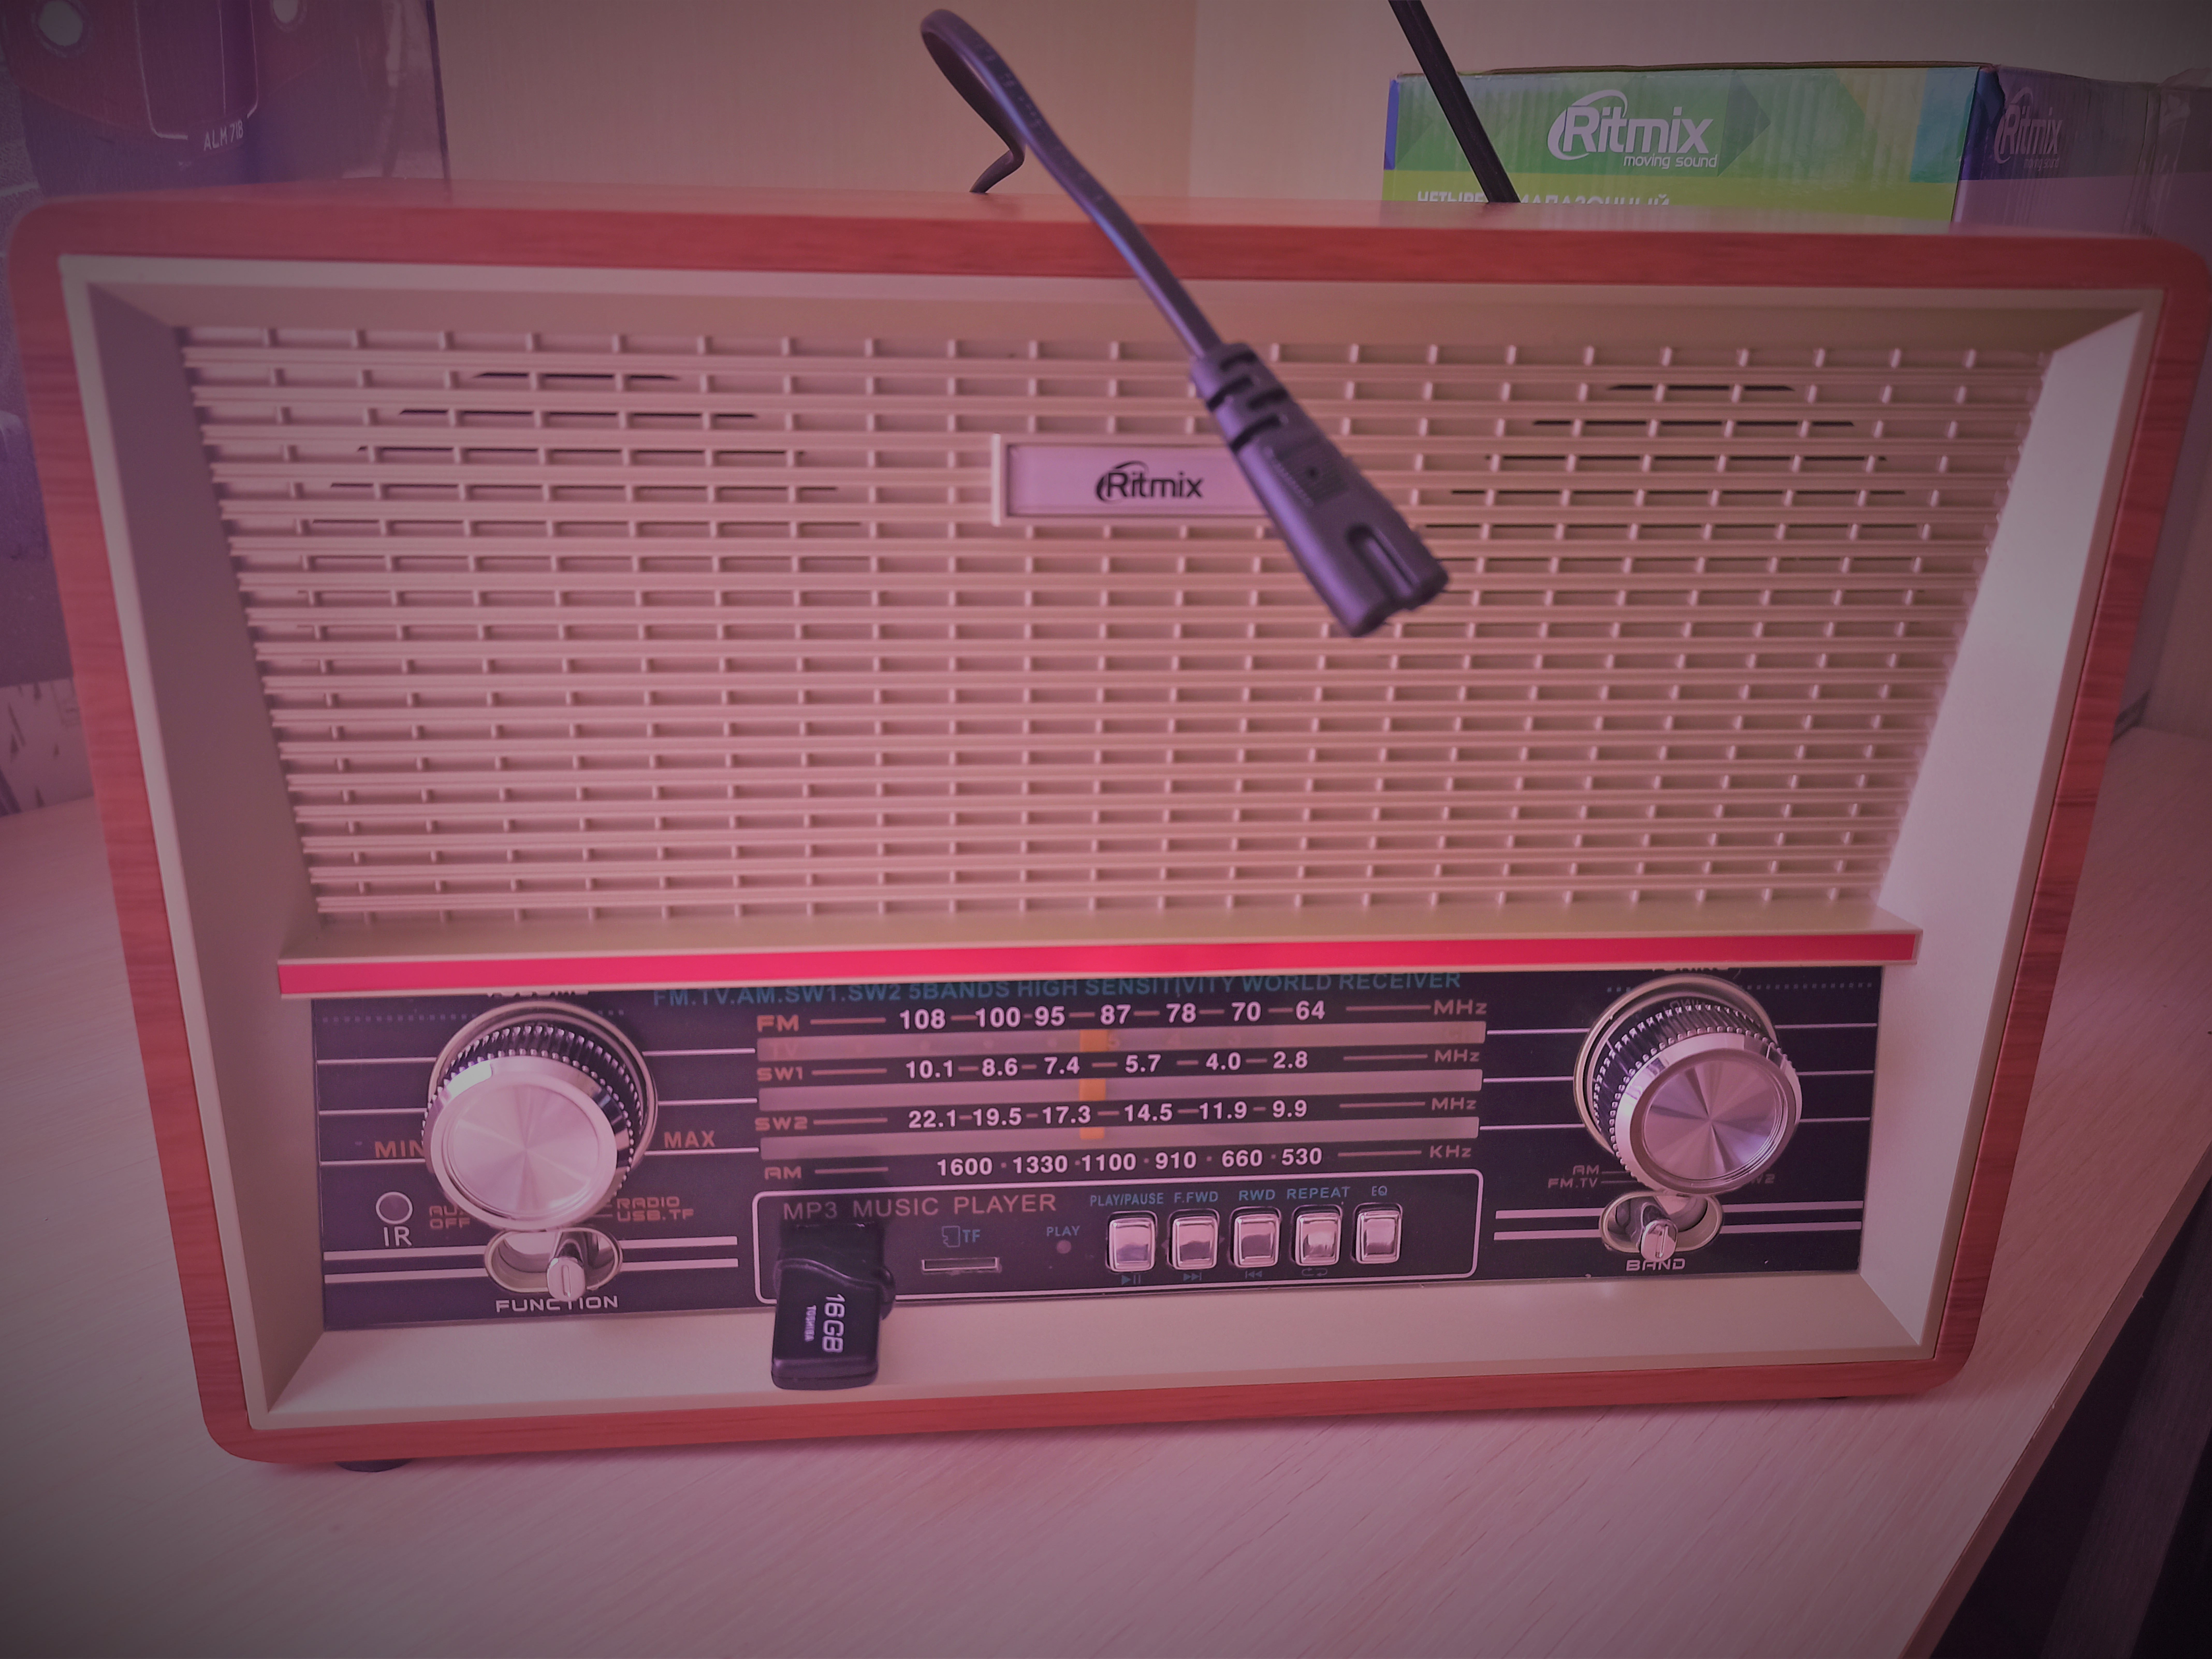 Видеообзорбзор радиоприёмника Ritmix RPR-102 Beech